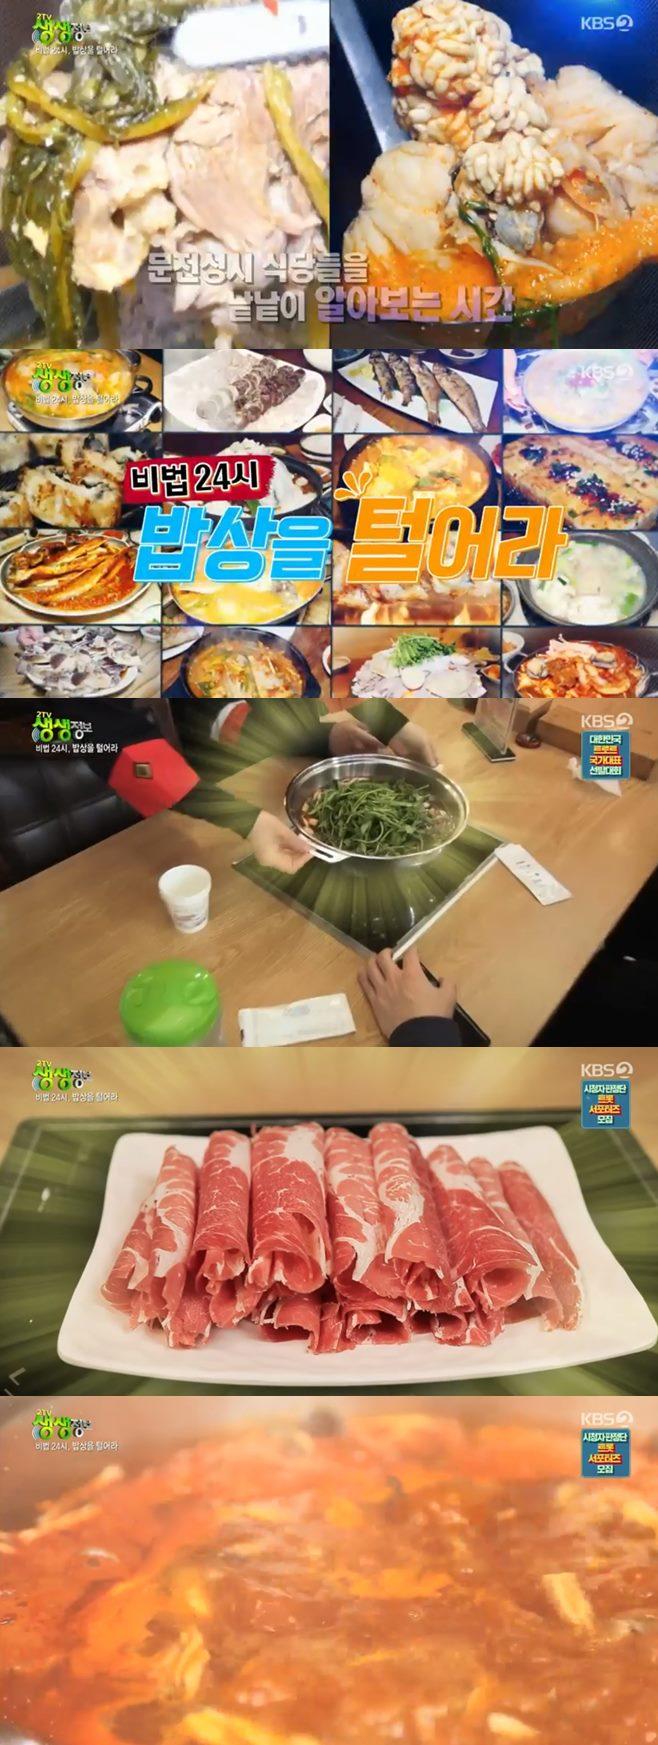 '2TV 생생정보' 얼큰샤브손칼국수+대동맛지도 낙지팥죽·피굴(분청마루)+삼치조림 회(서울식당) 맛집